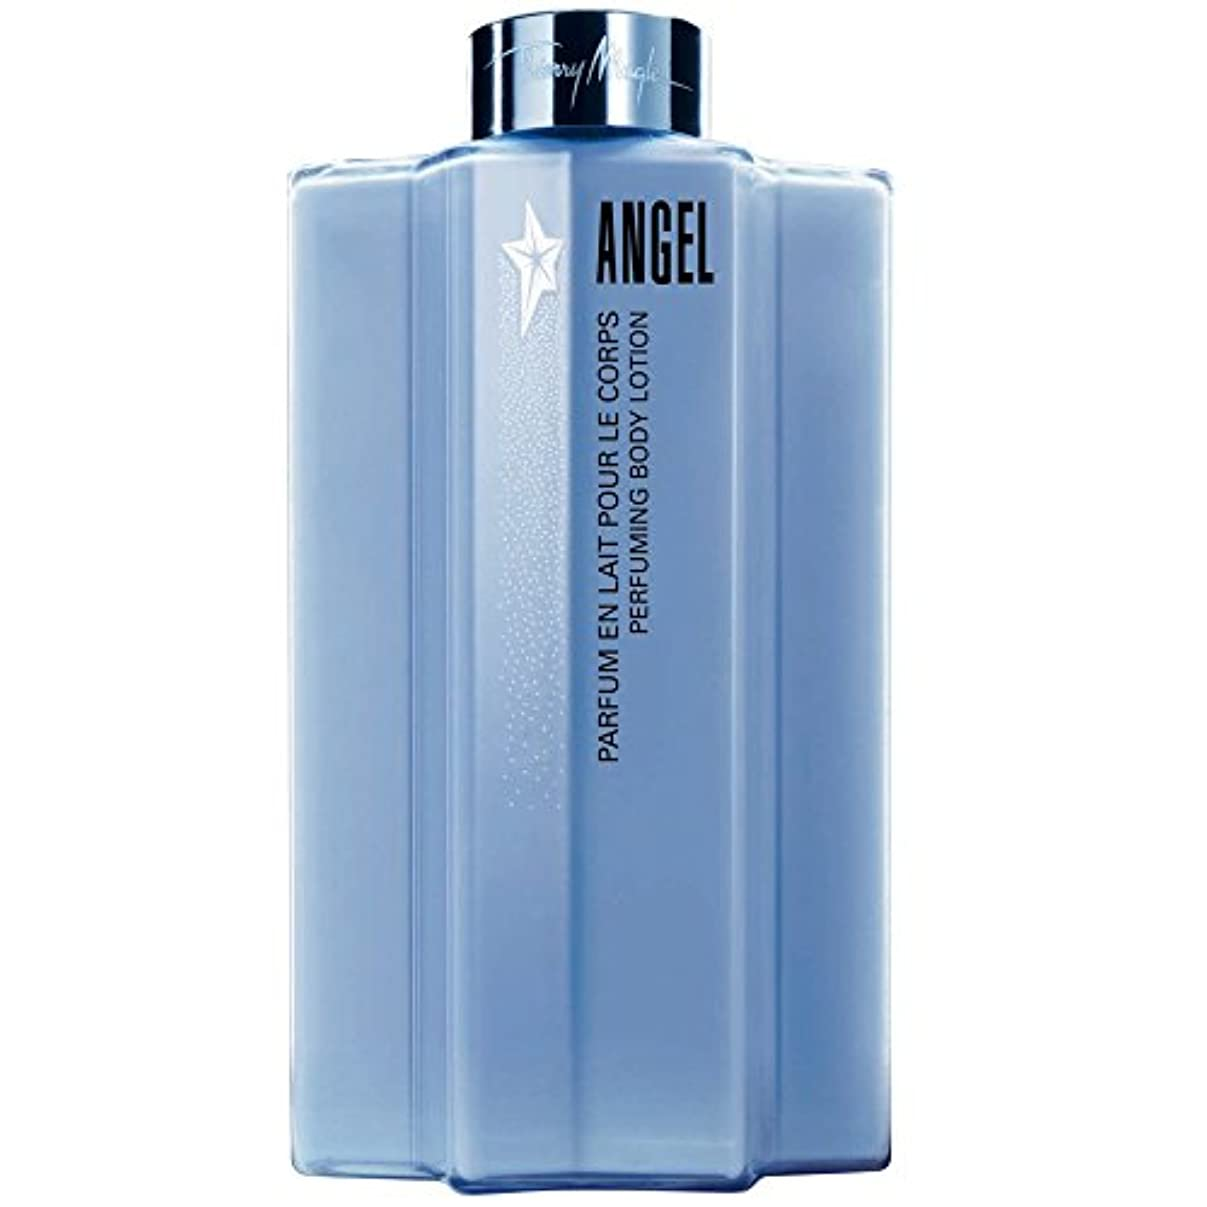 必要ない弾性痛みティエリー?ミュグレー天使のボディローション (Thierry Mugler) (x2) - Thierry Mugler Angel Body Lotion (Pack of 2) [並行輸入品]